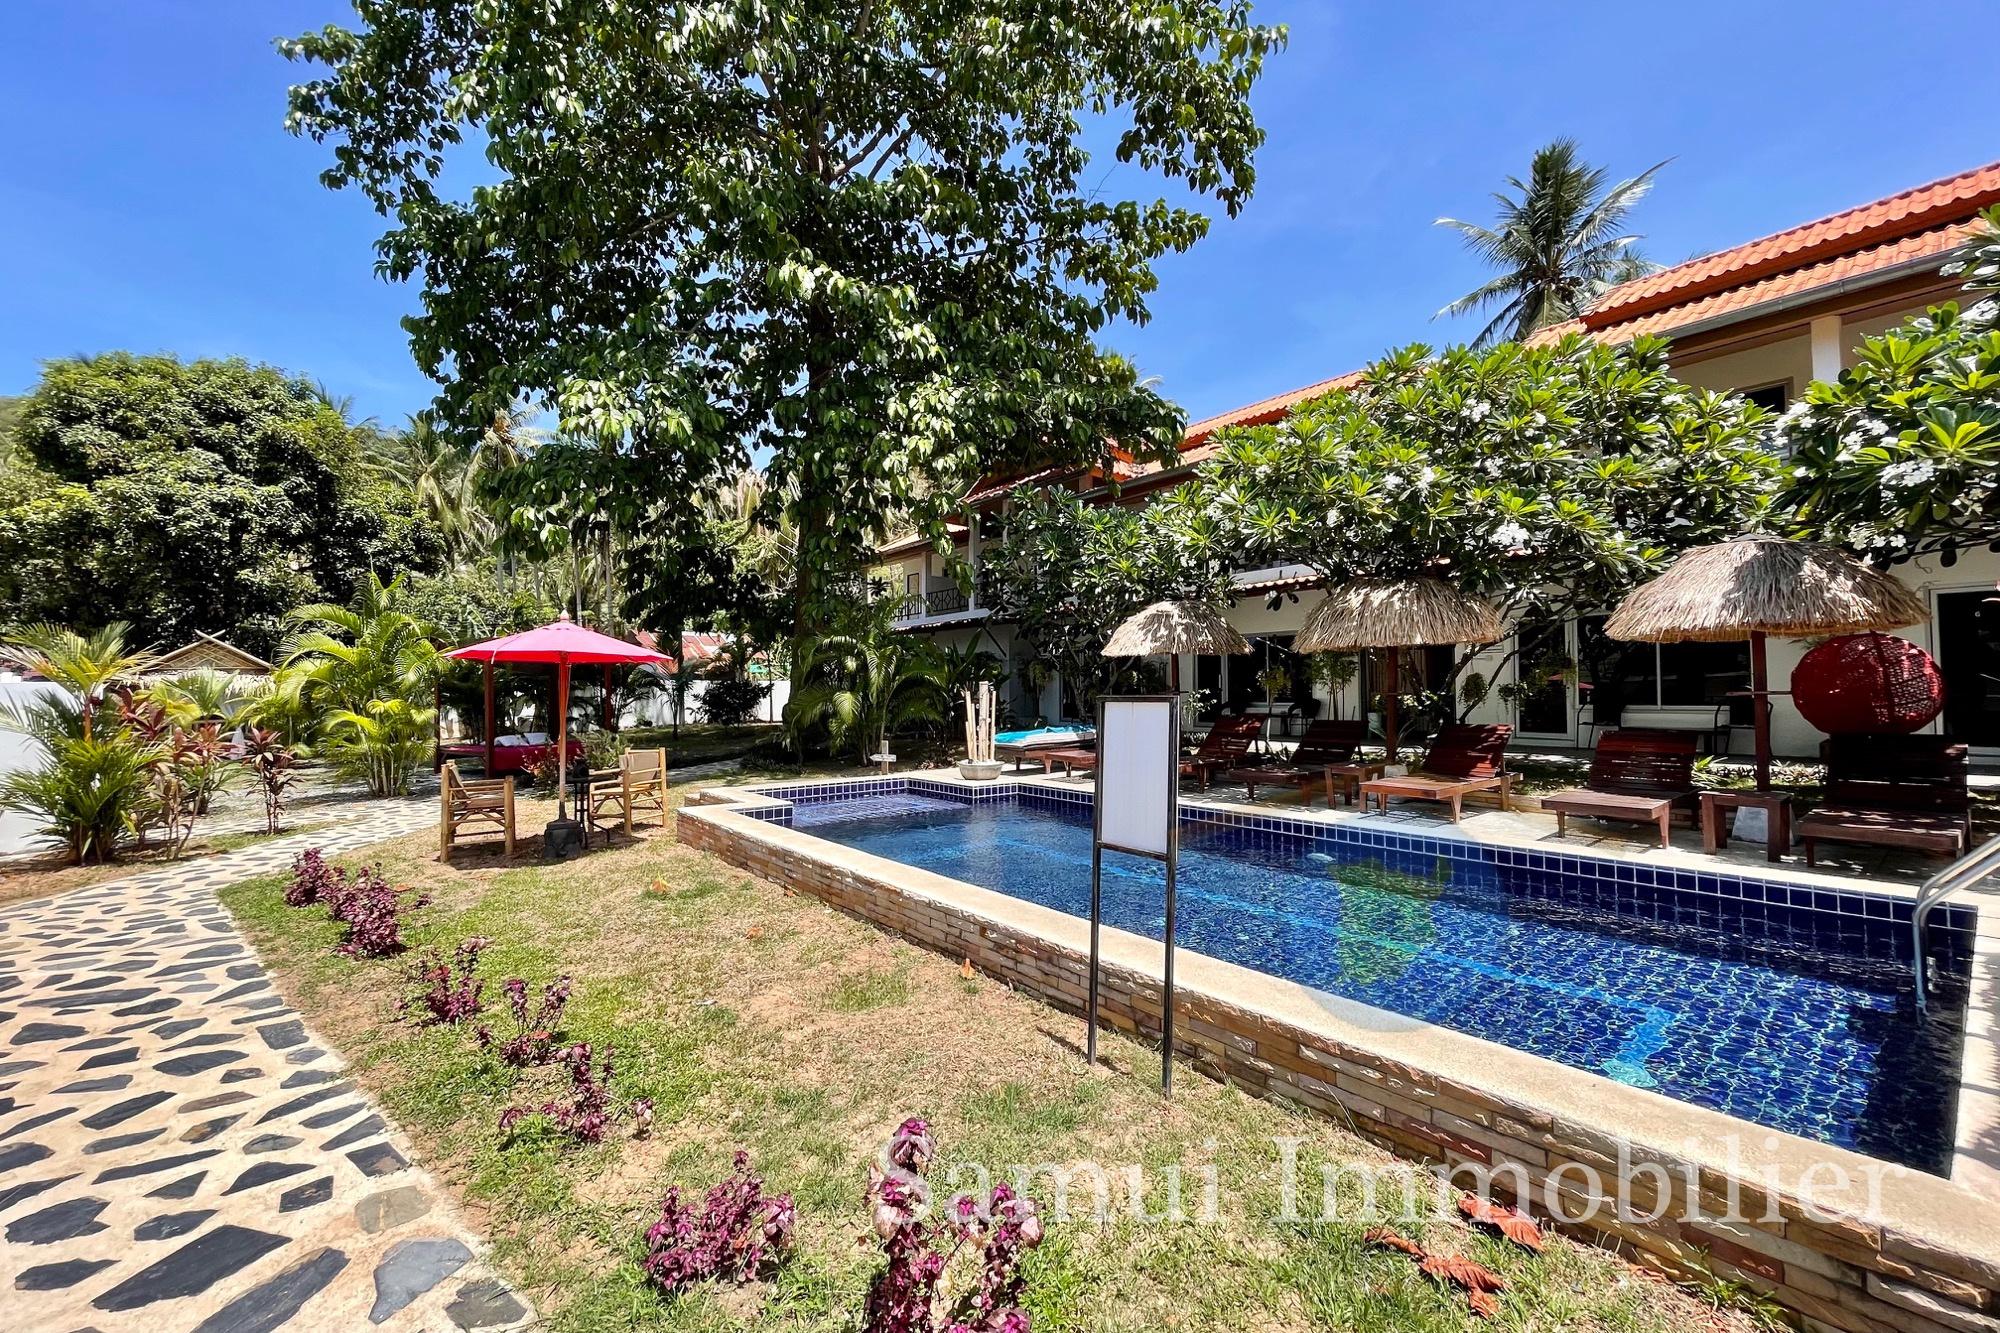 Hôtel à vendre - 16 chambres - Lamai